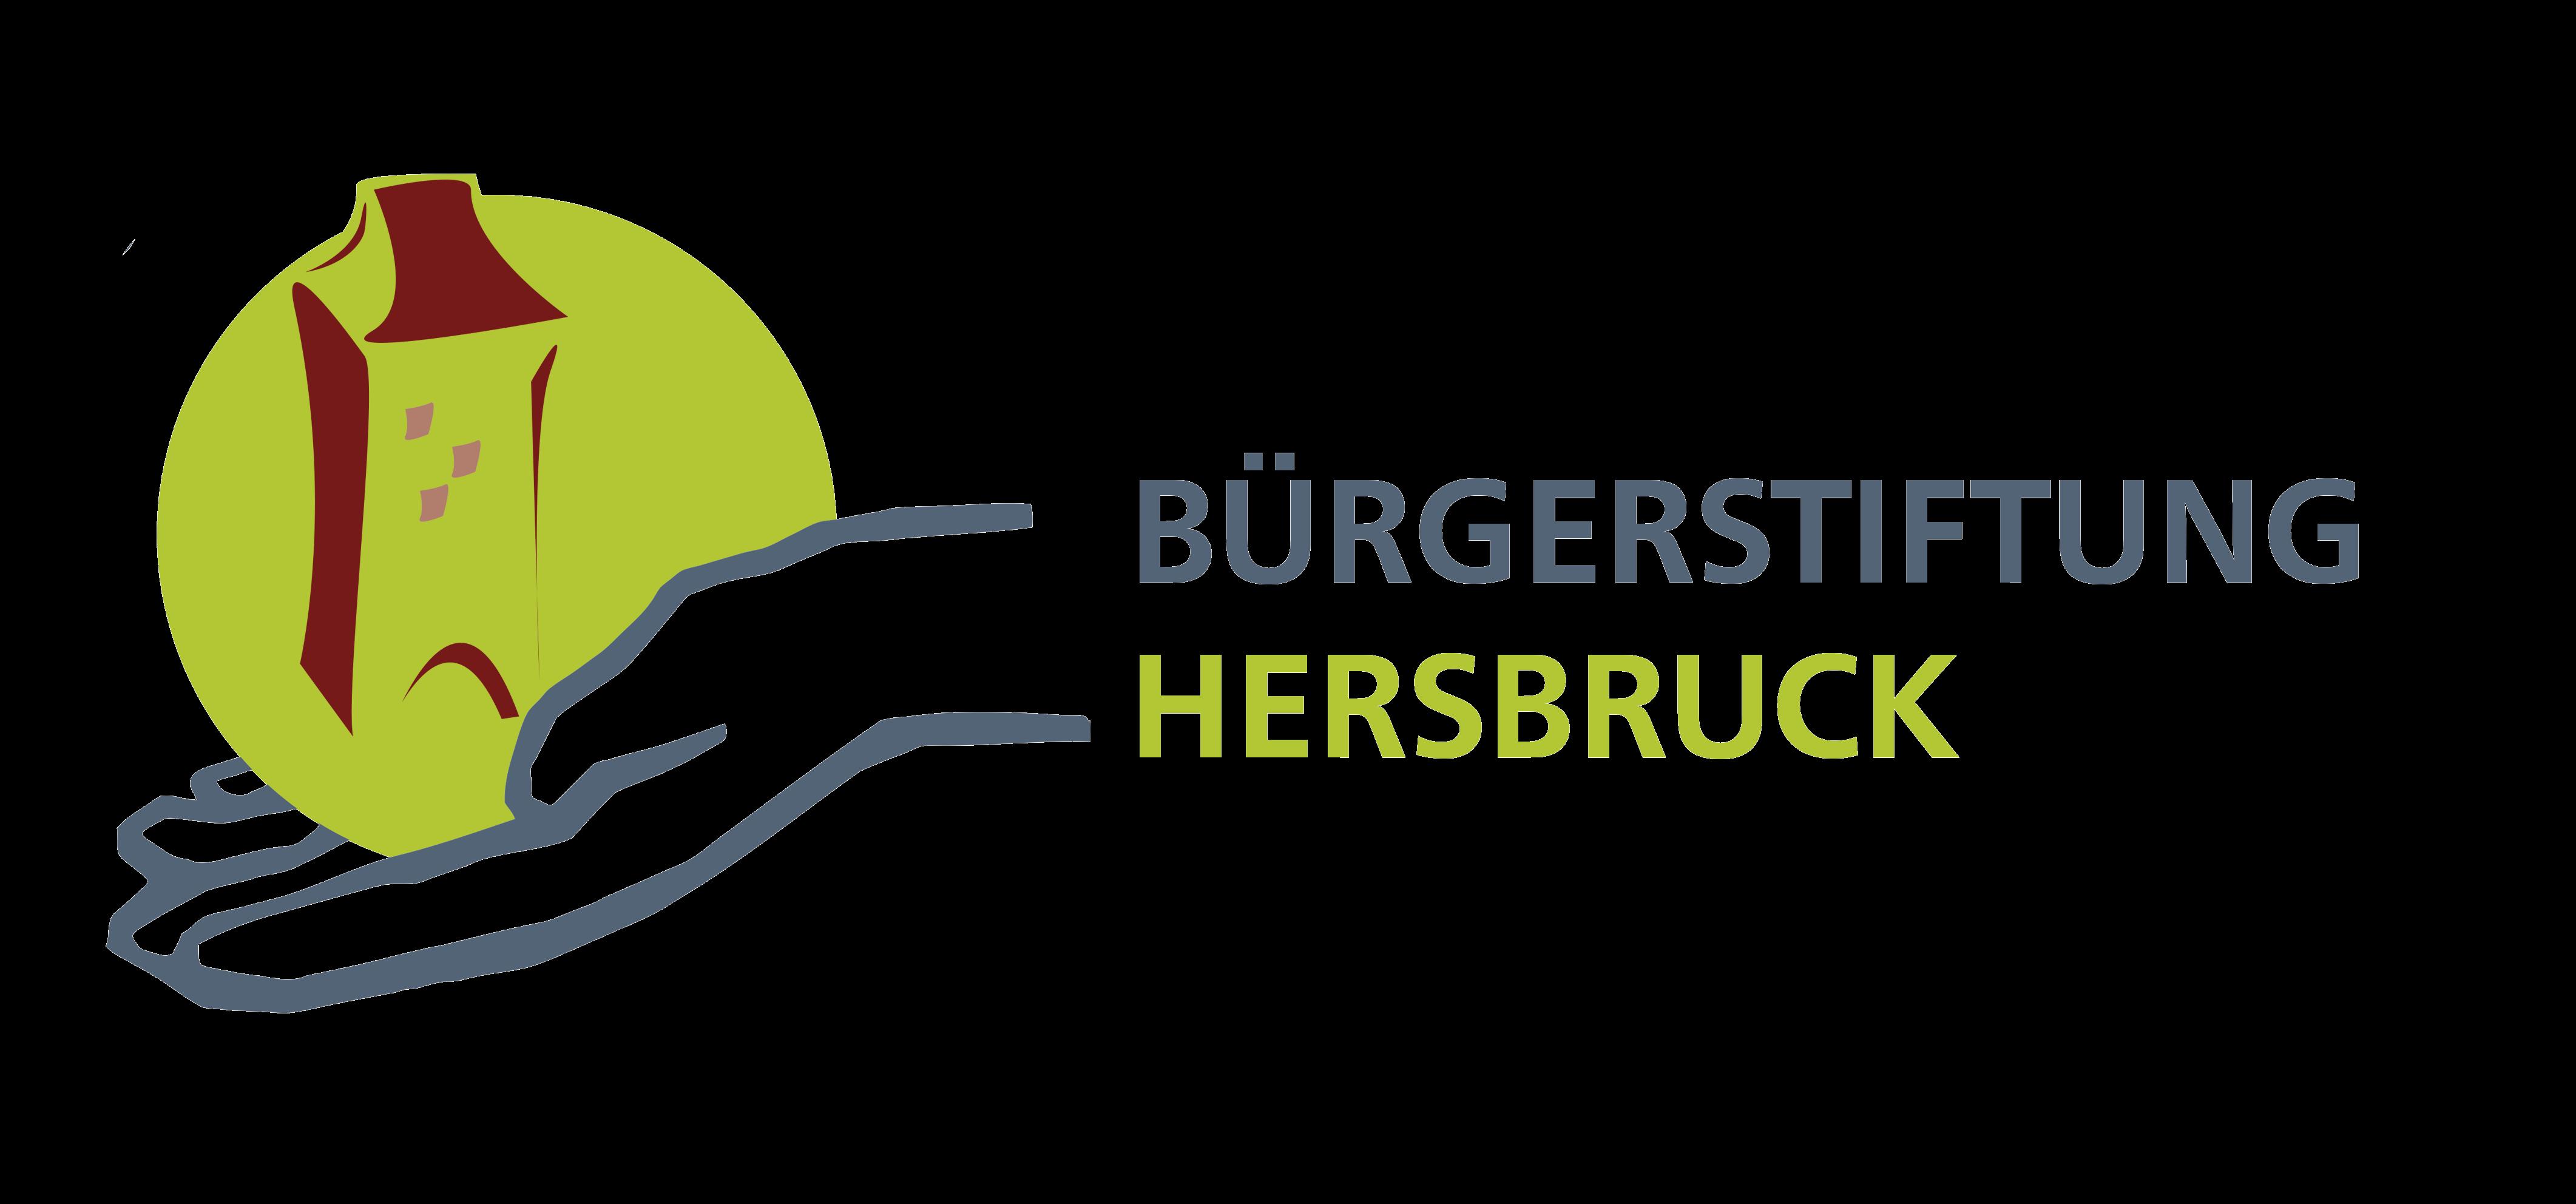 Bürgerstiftung Hersbruck